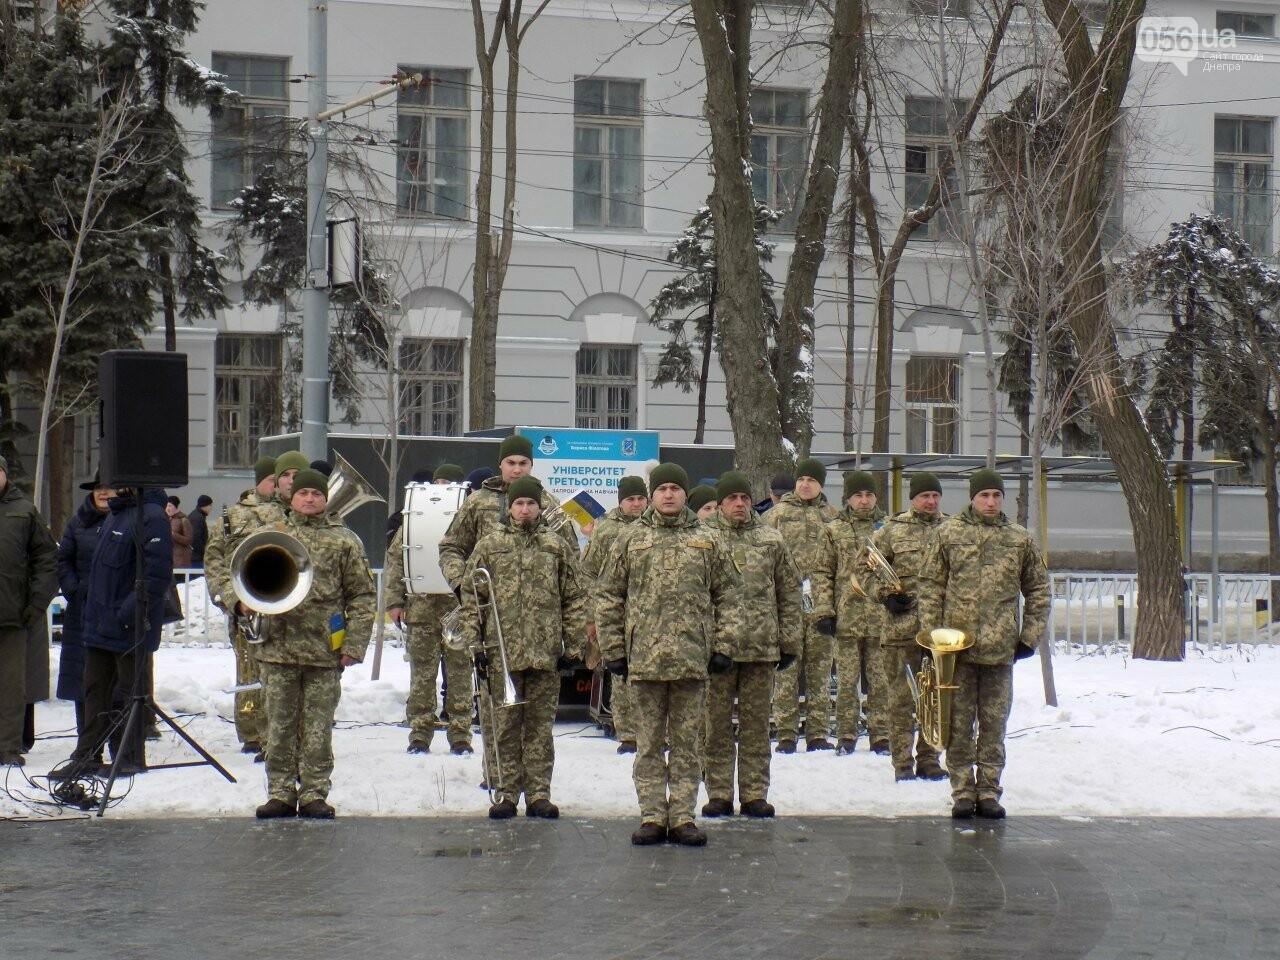 Выстрелы, военный оркестр и парад: как в Днепре проходит День памяти Героев Крут, - ФОТОРЕПОРТАЖ, фото-7